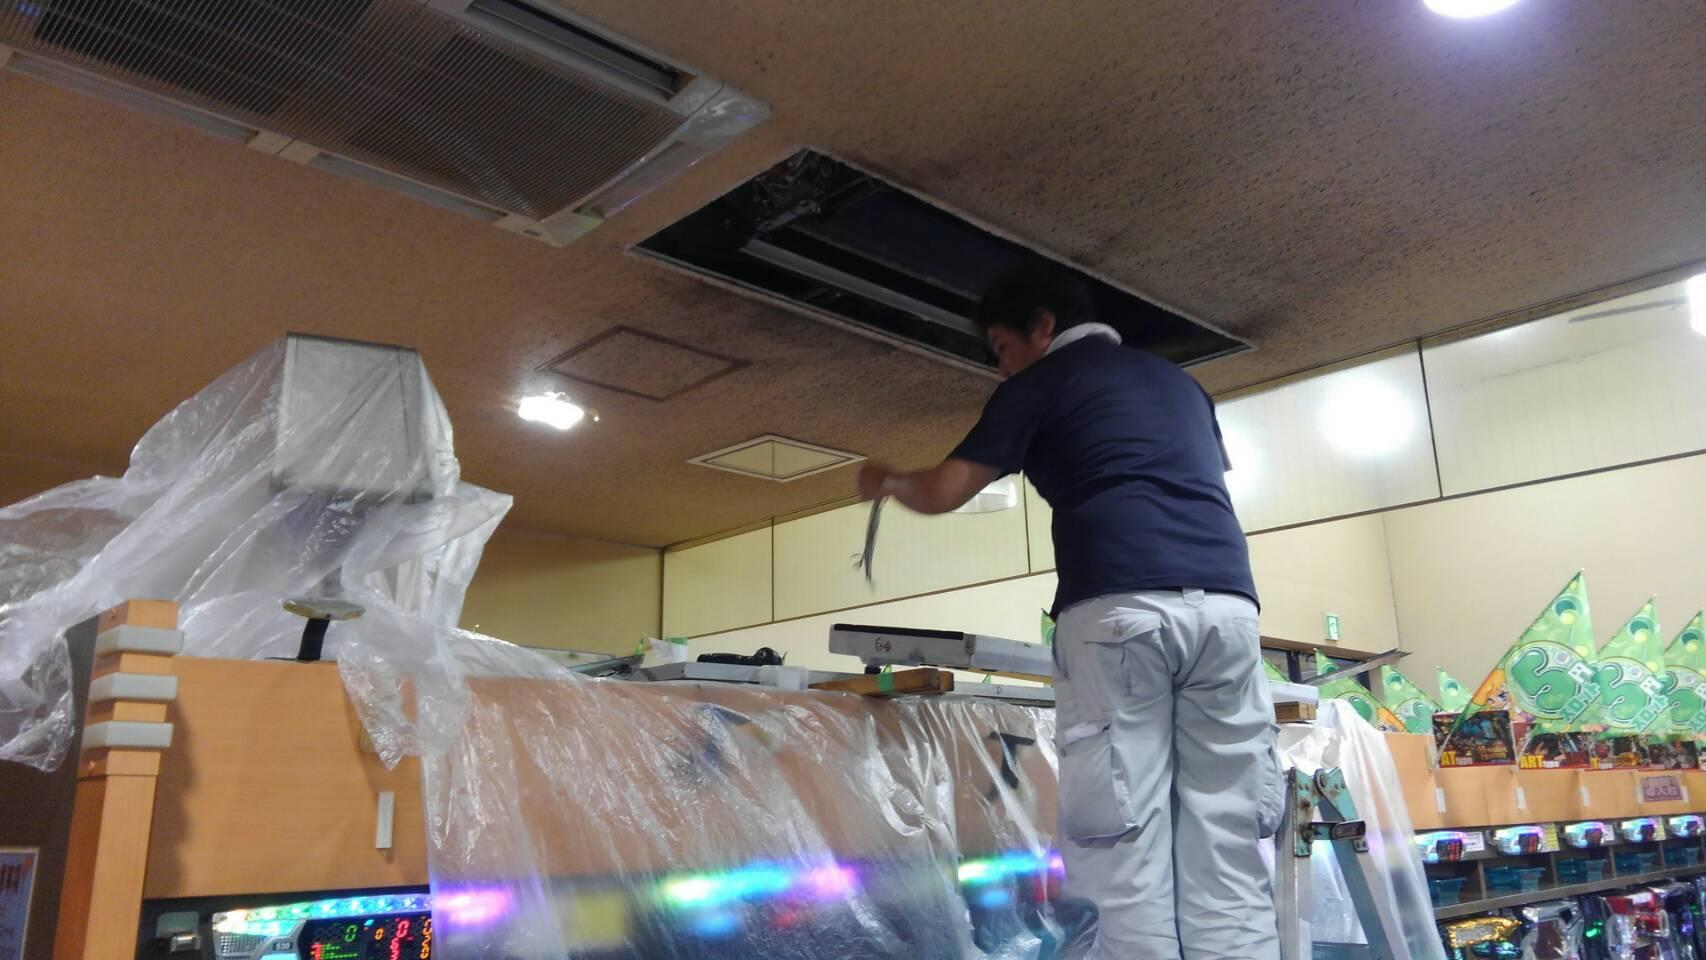 天井カセットエアコン洗浄